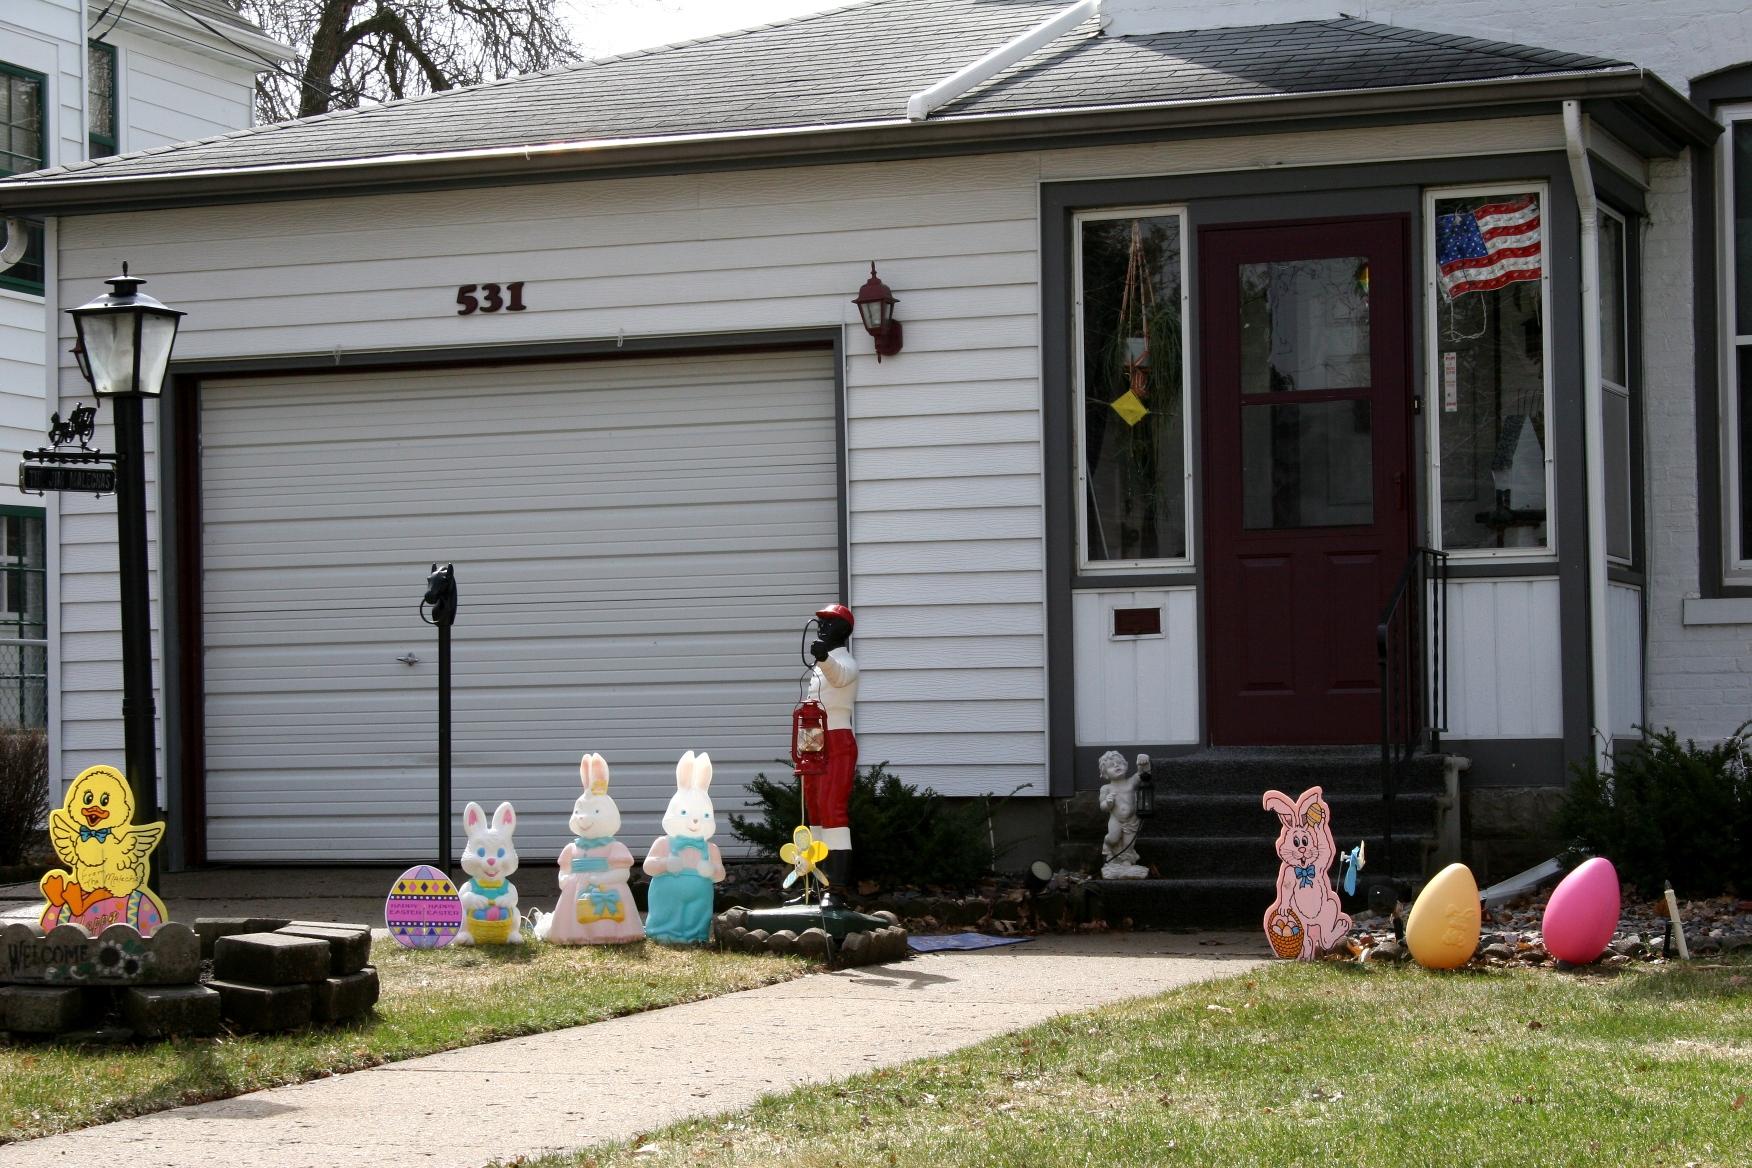 Halloween front door decorations - Religious Easter Door Decorations More Easter Decorations In